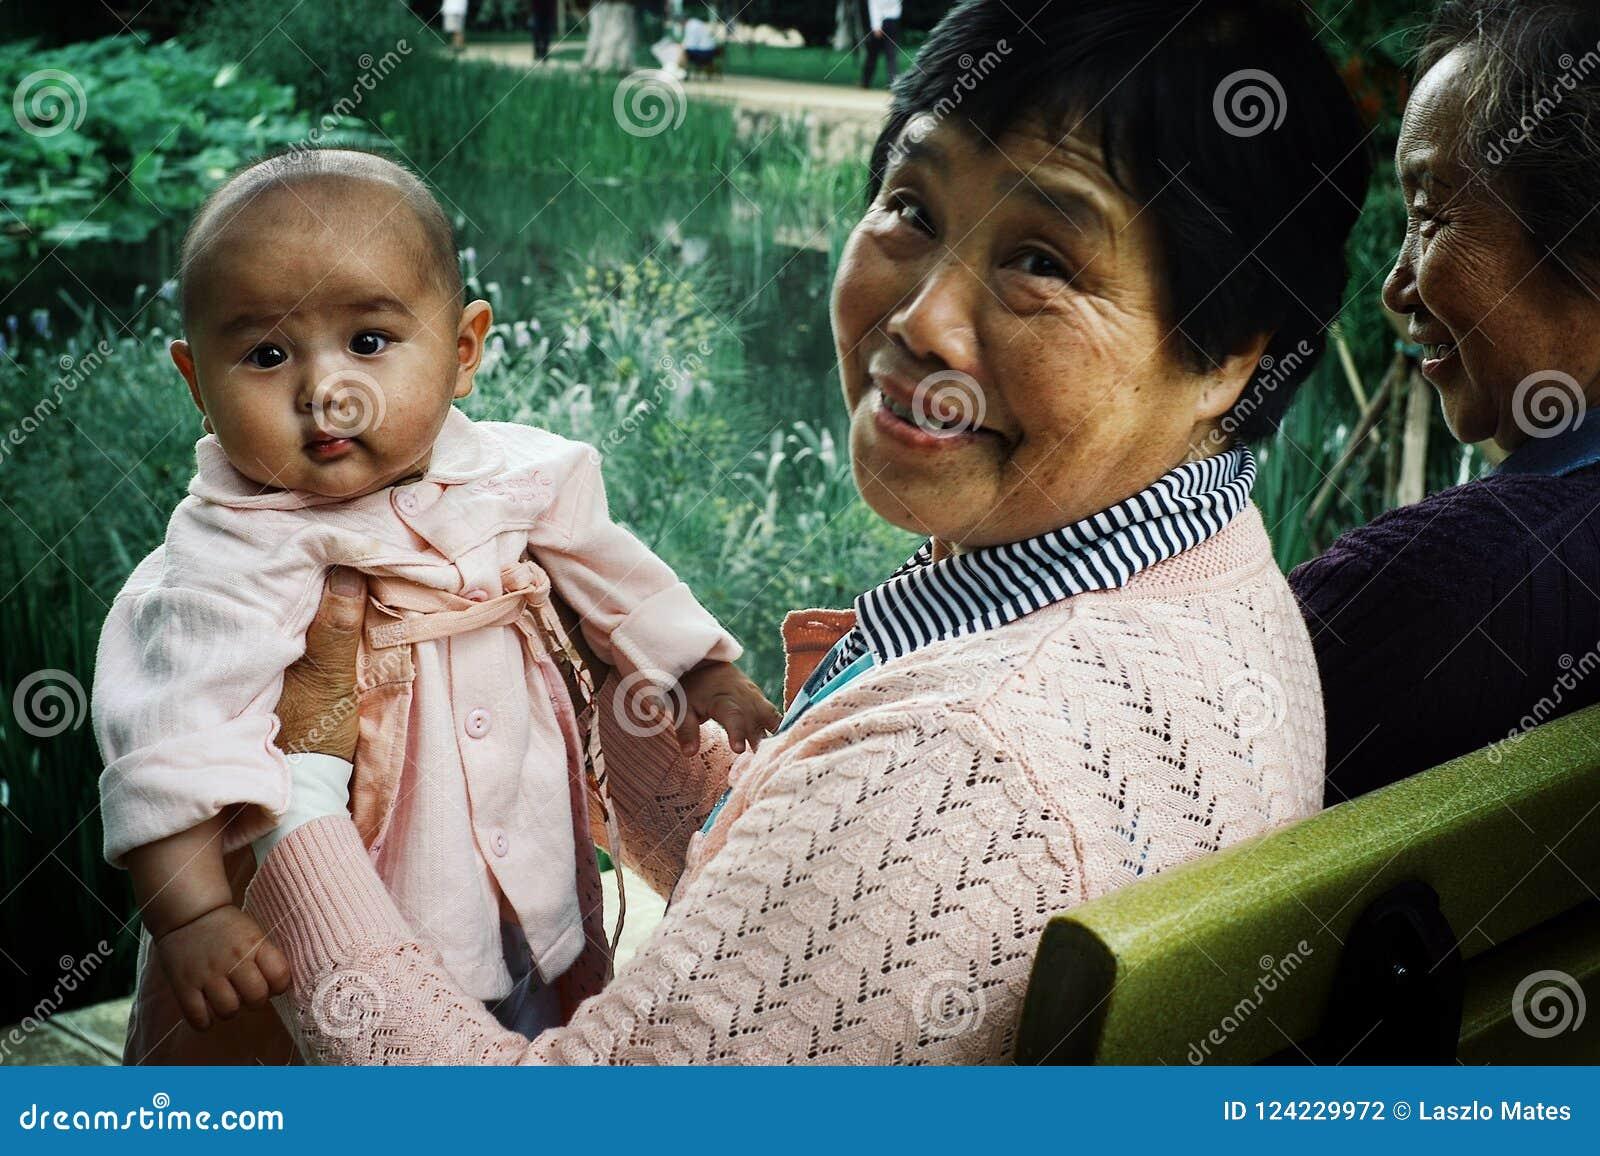 Grootmoeder met kleindochter in een park met vrienden